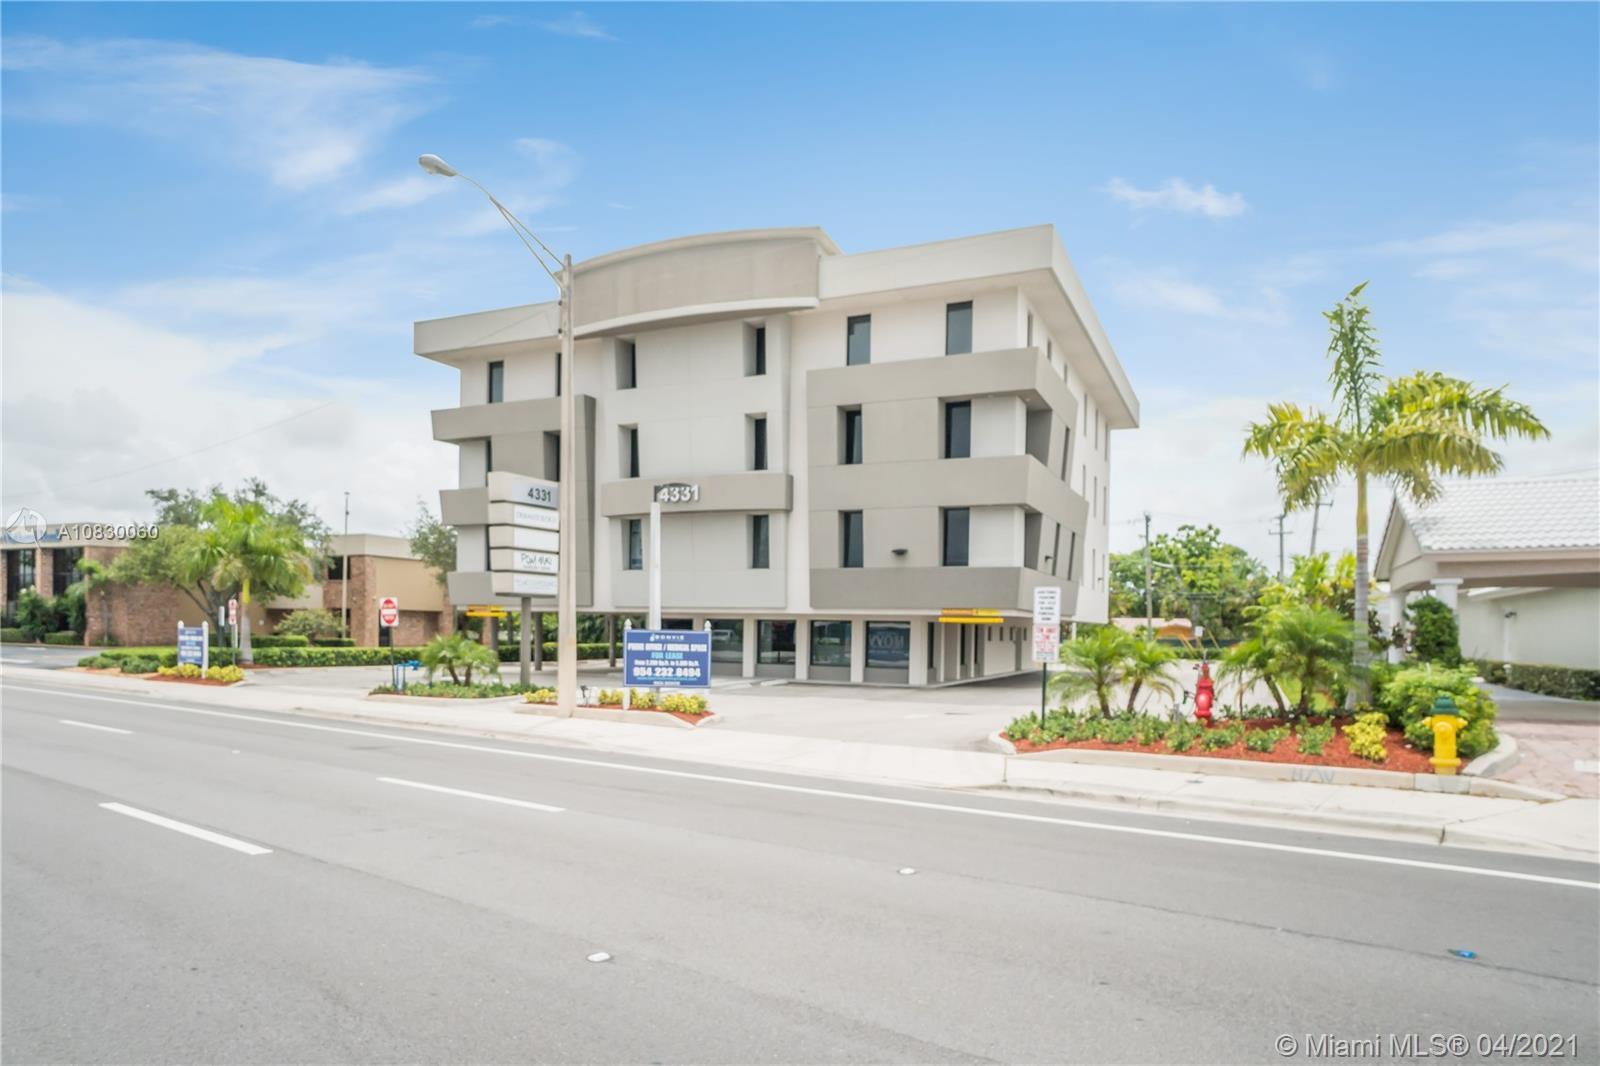 image #1 of property, 4331 N Federal Hwy